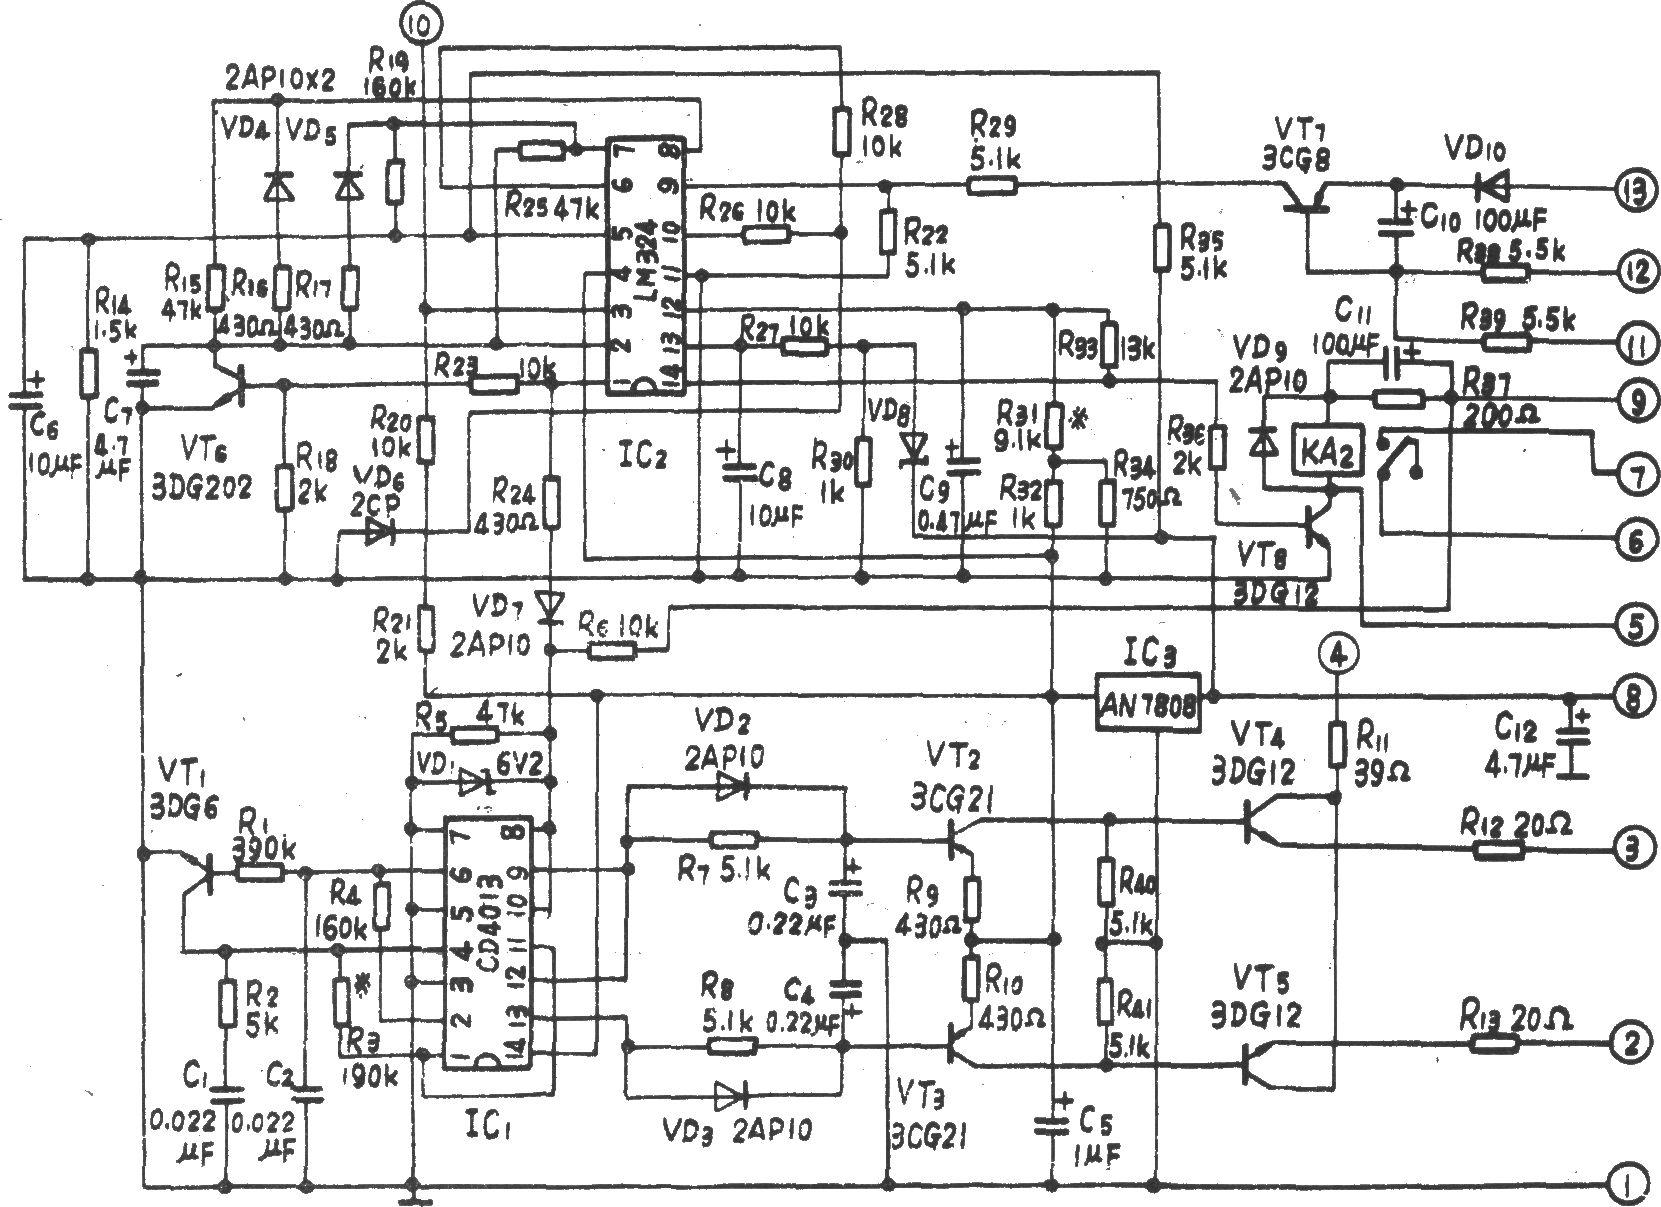 aep-p200全自动停电应急电源功率输出级电路